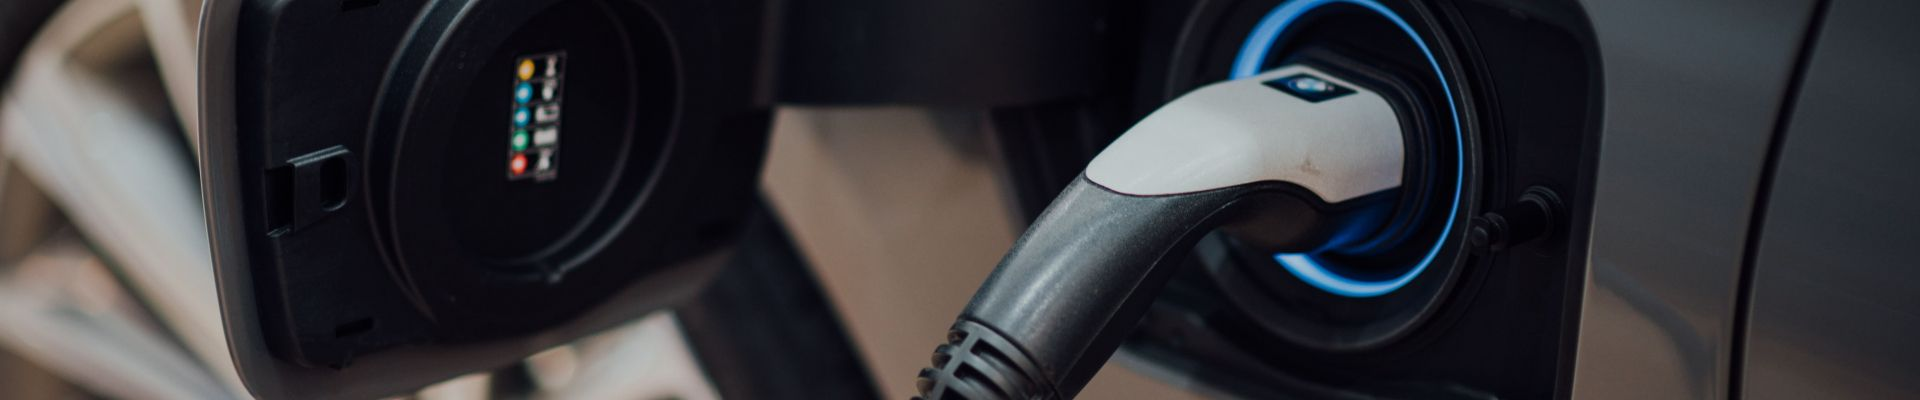 Elektromotoren & Generatoren: Hohe Leitfähigkeit & hohe Festigkeit